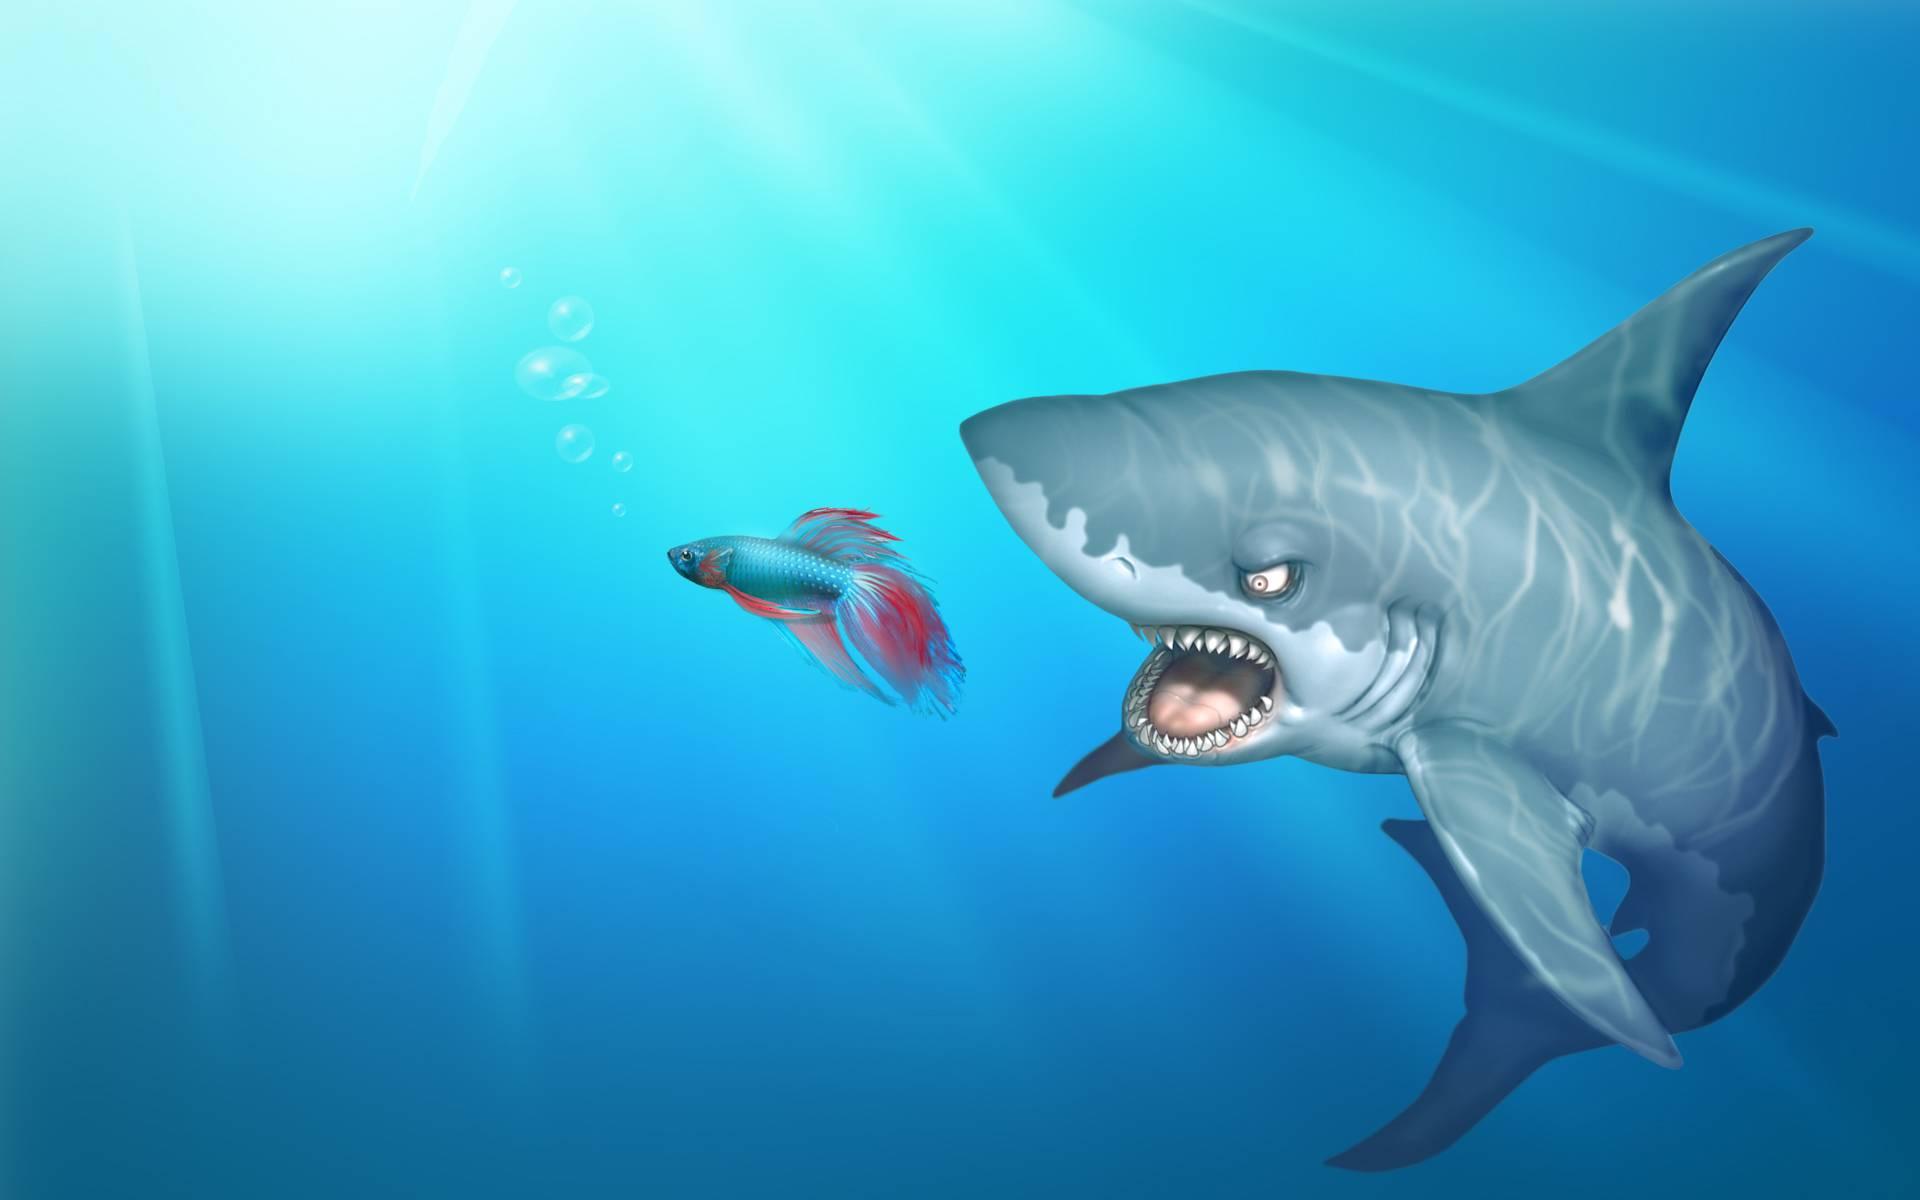 акула ест рыбку, фото, обои для рабочего стола